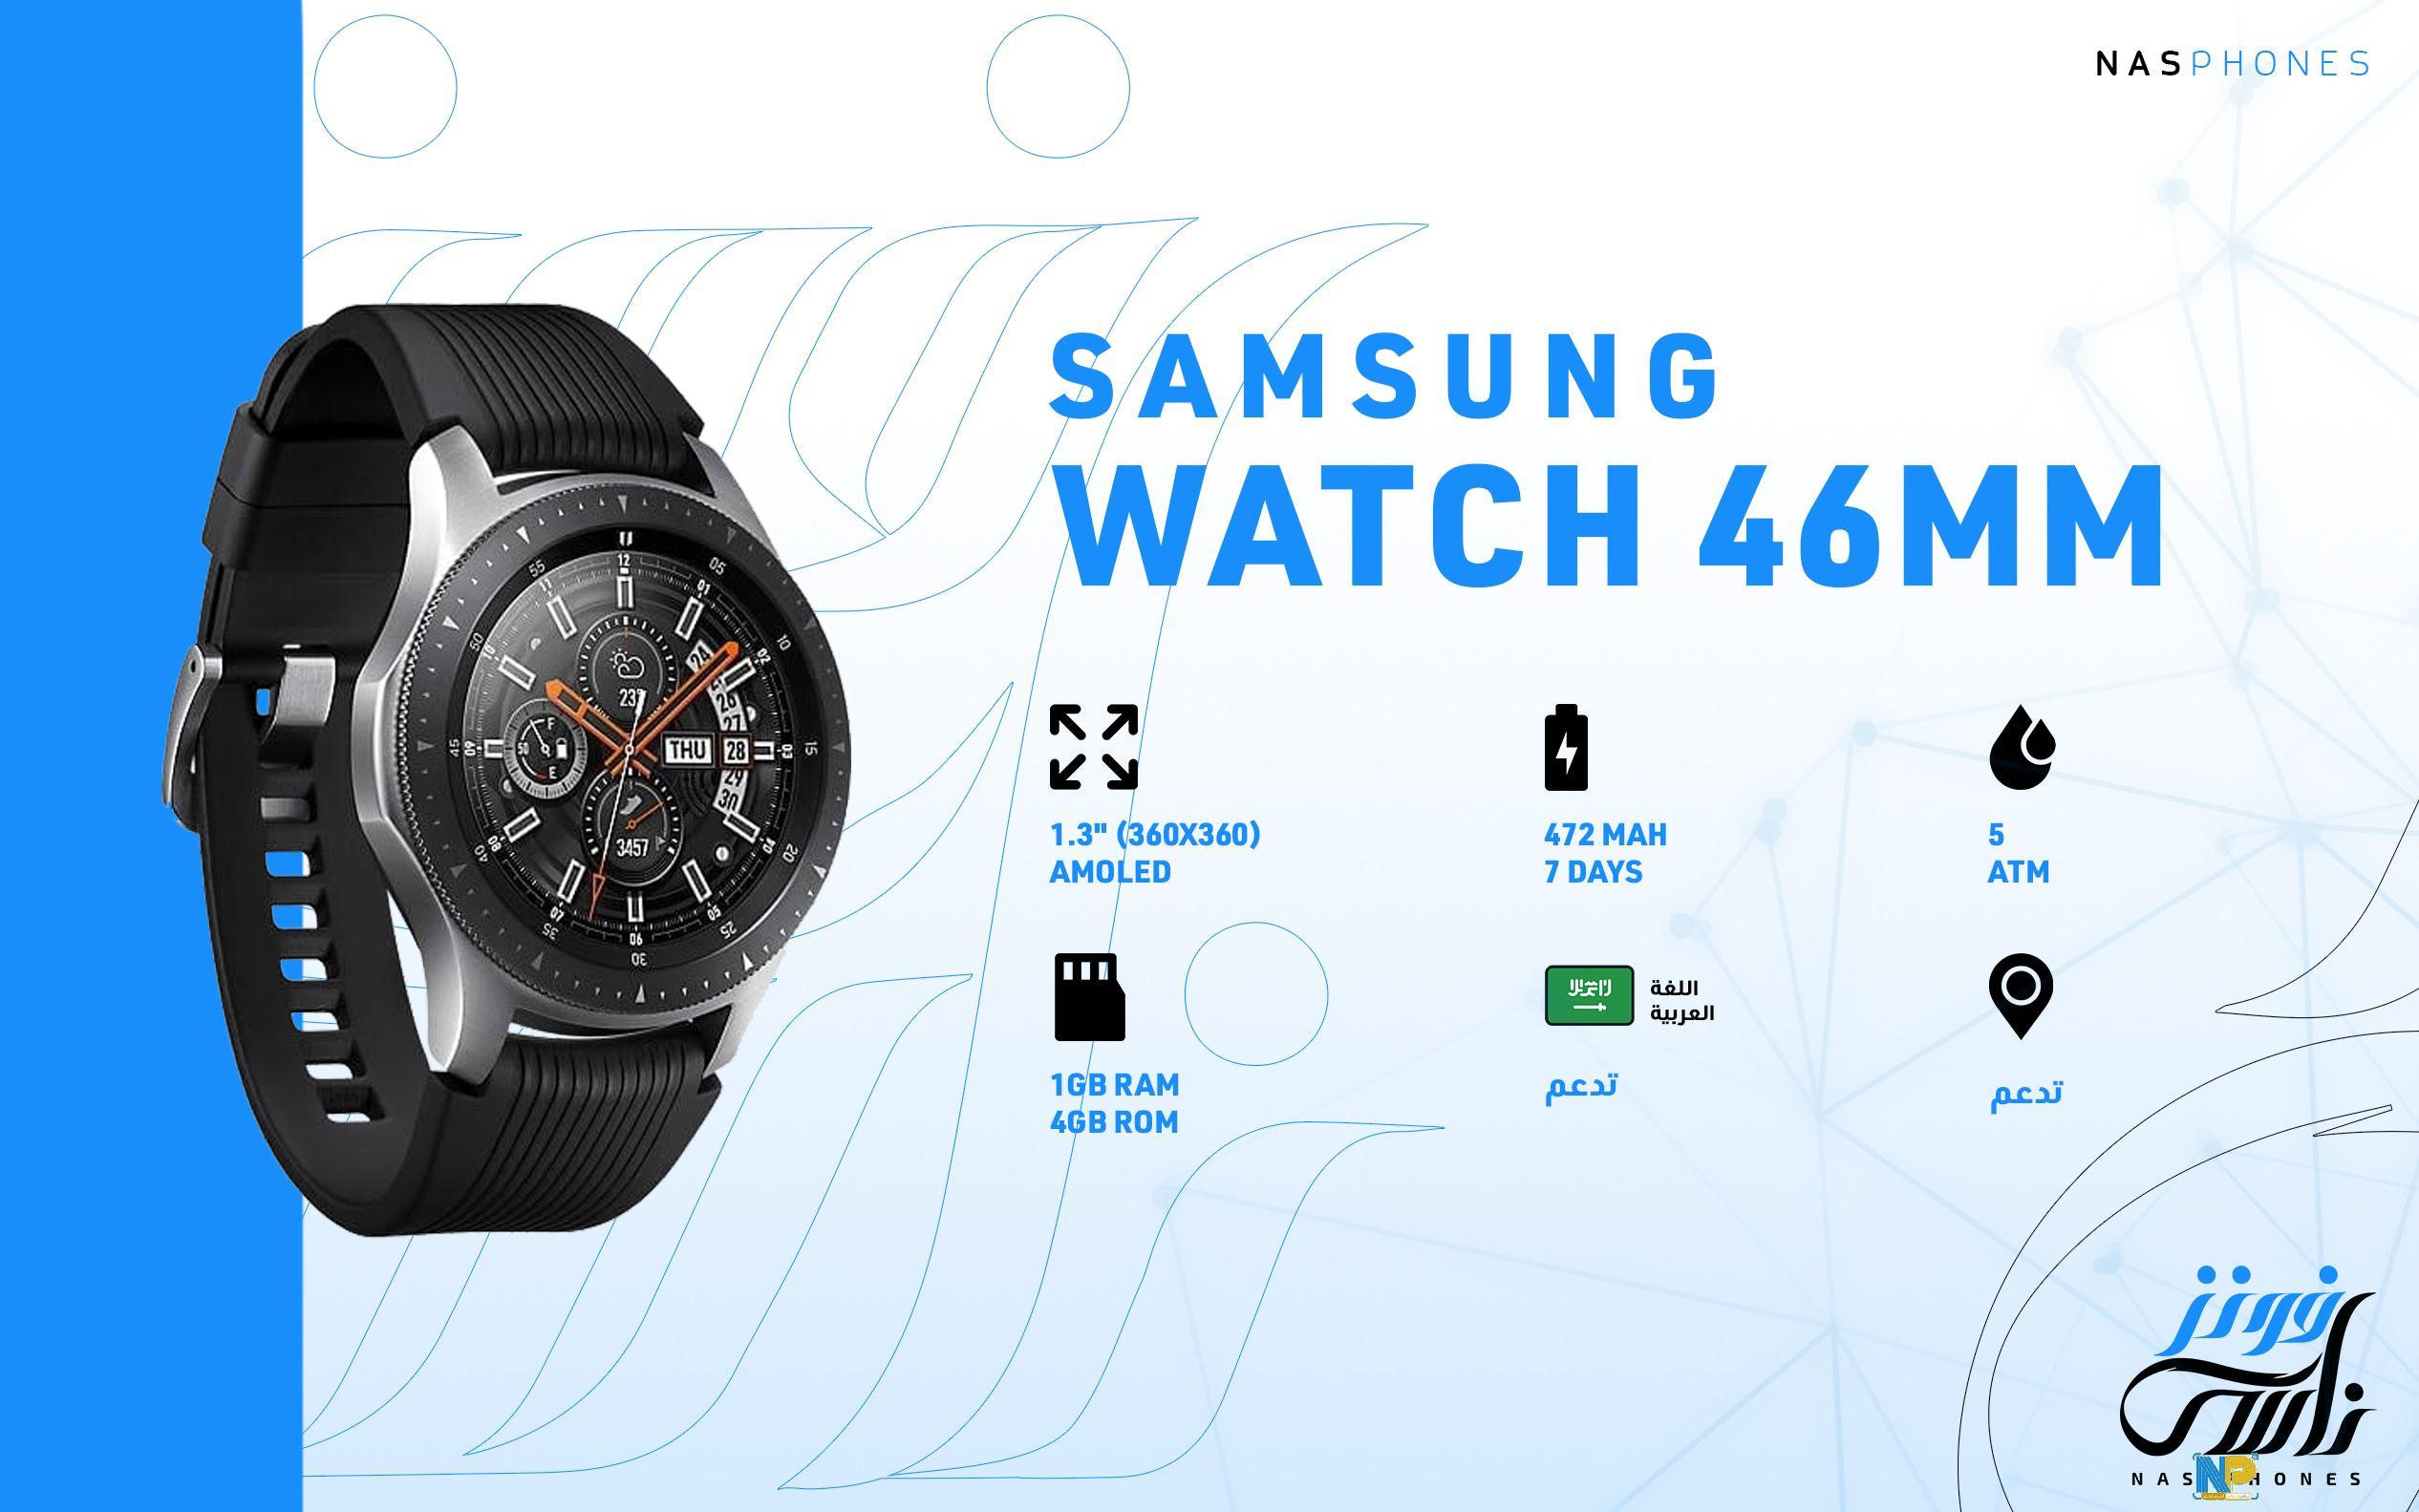 ساعة Watch 46mm